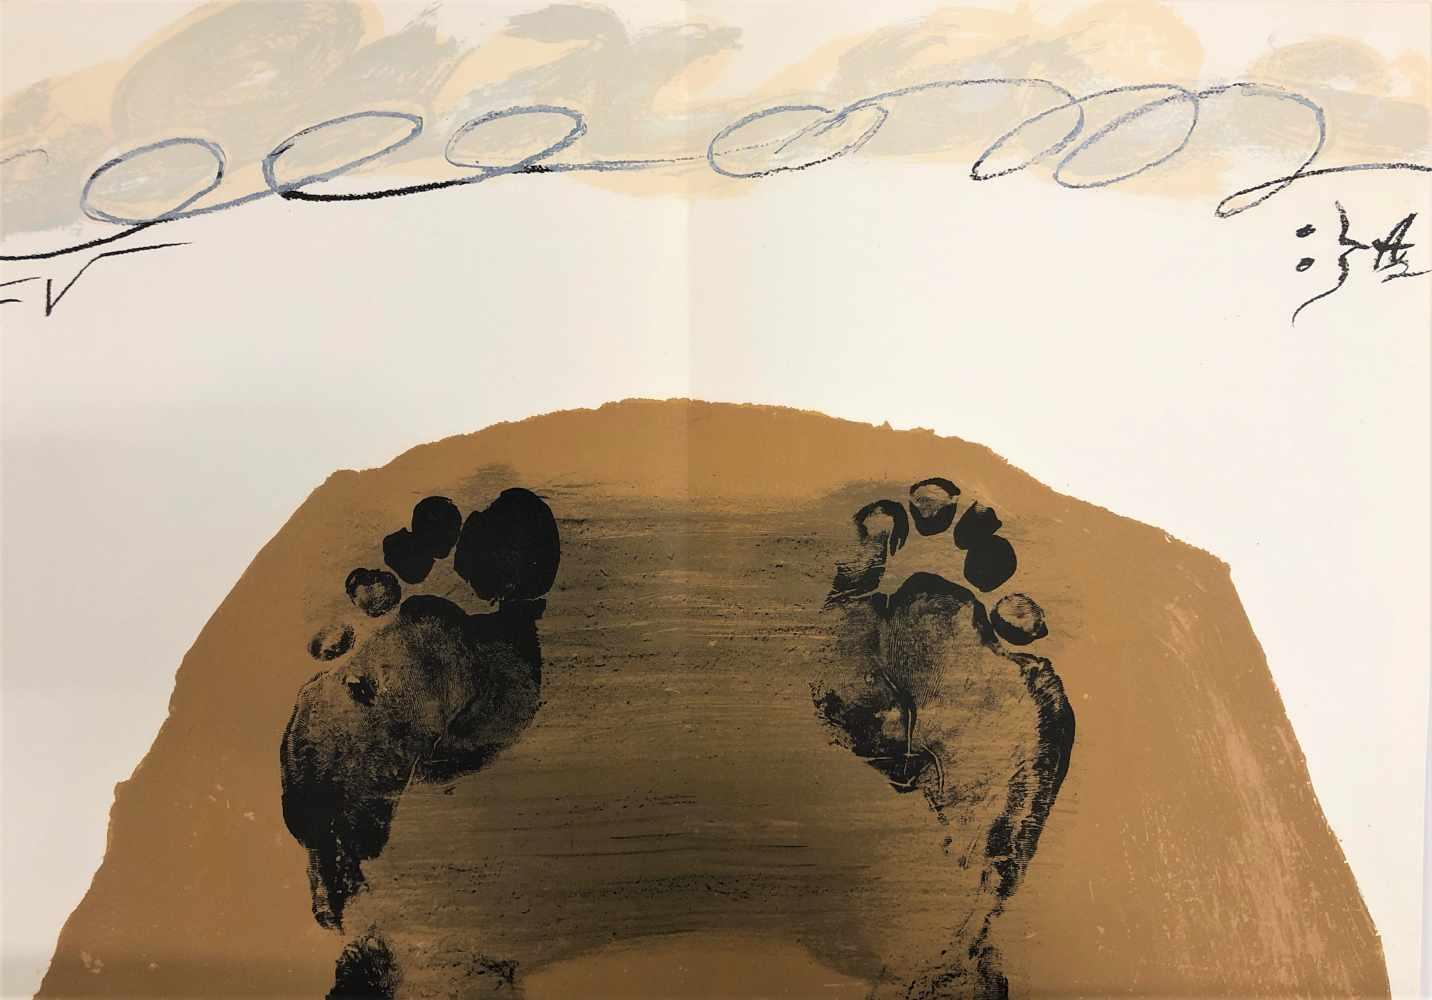 Lot 29 - Antoni Tàpies - Objets et grands formats, 1972Lithographie originale en couleurs sur